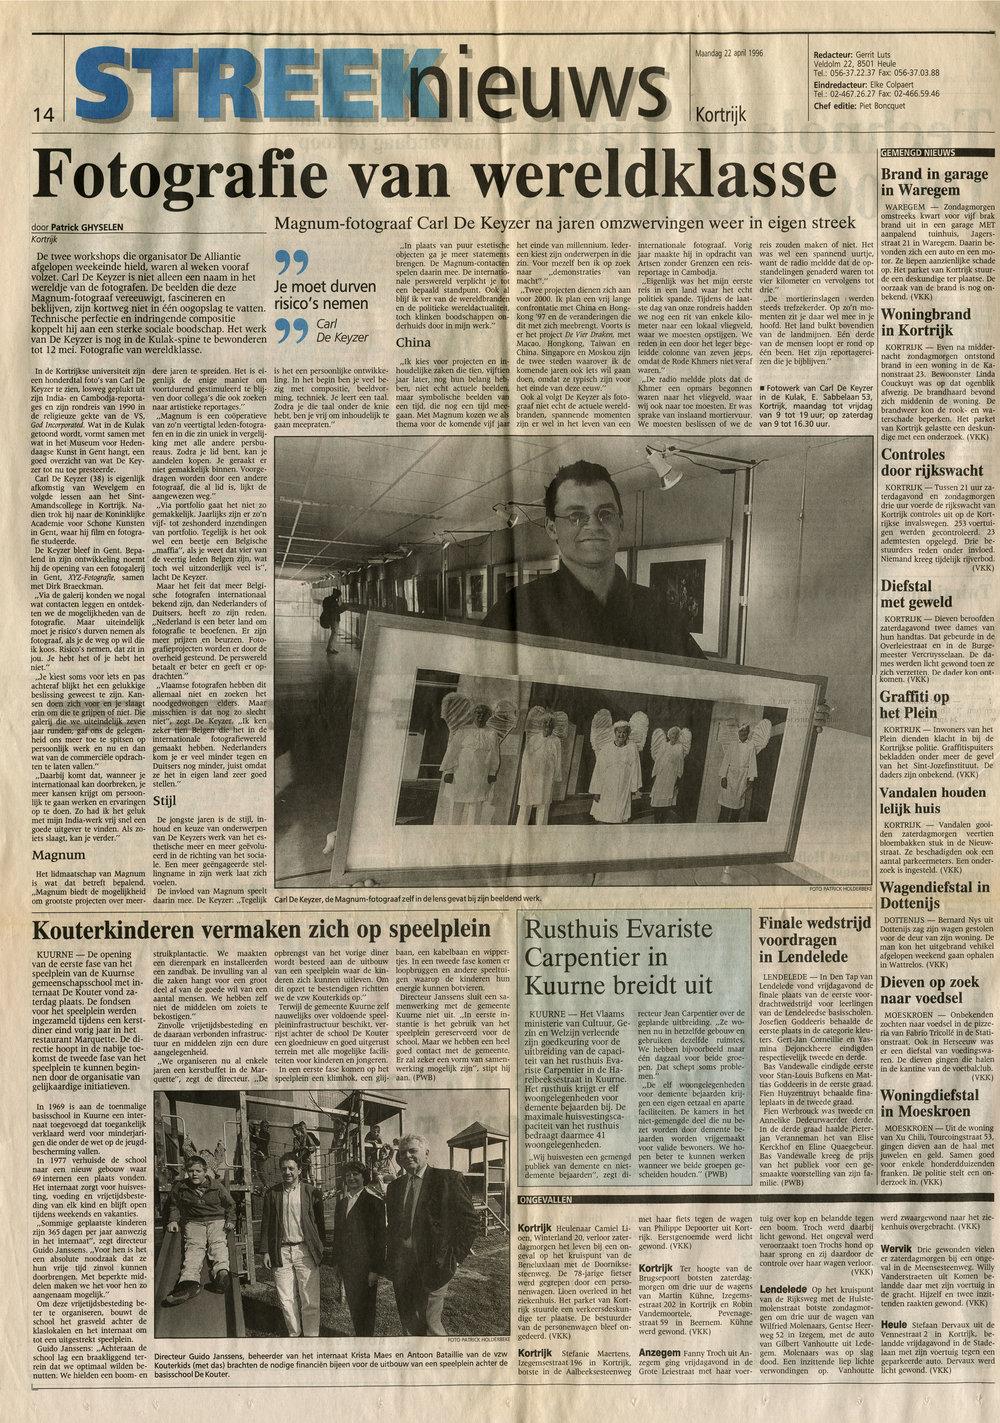 Het Nieuwsblad (East of Eden)